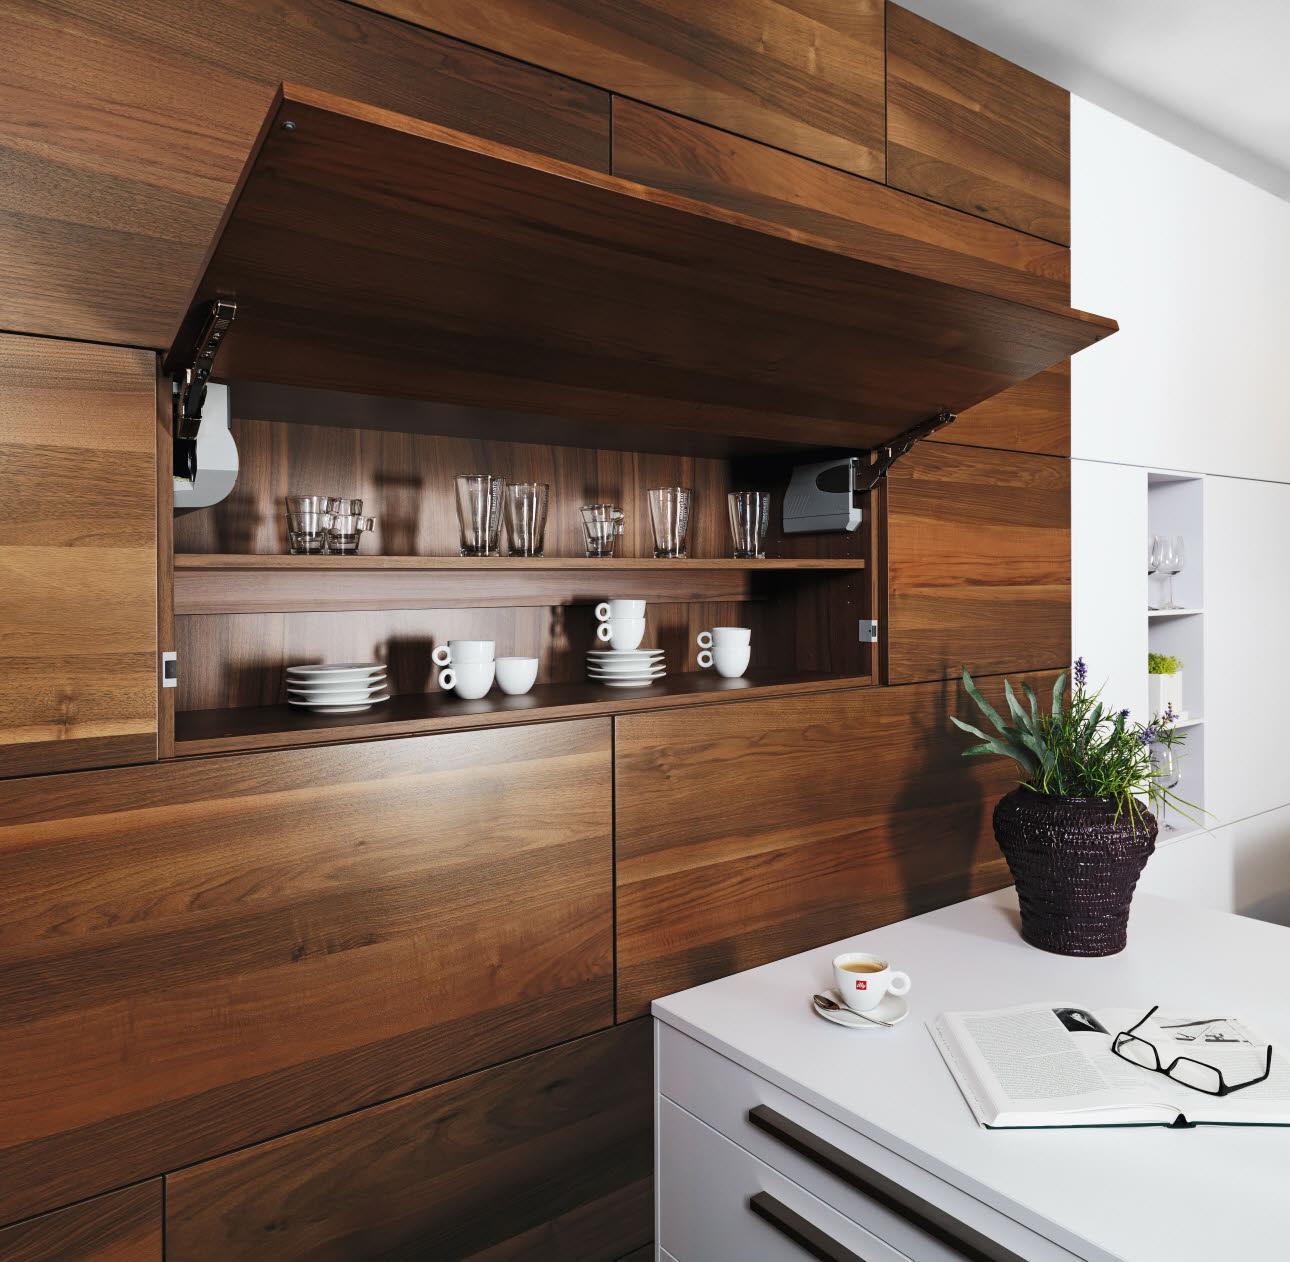 ultima k chen ewe. Black Bedroom Furniture Sets. Home Design Ideas